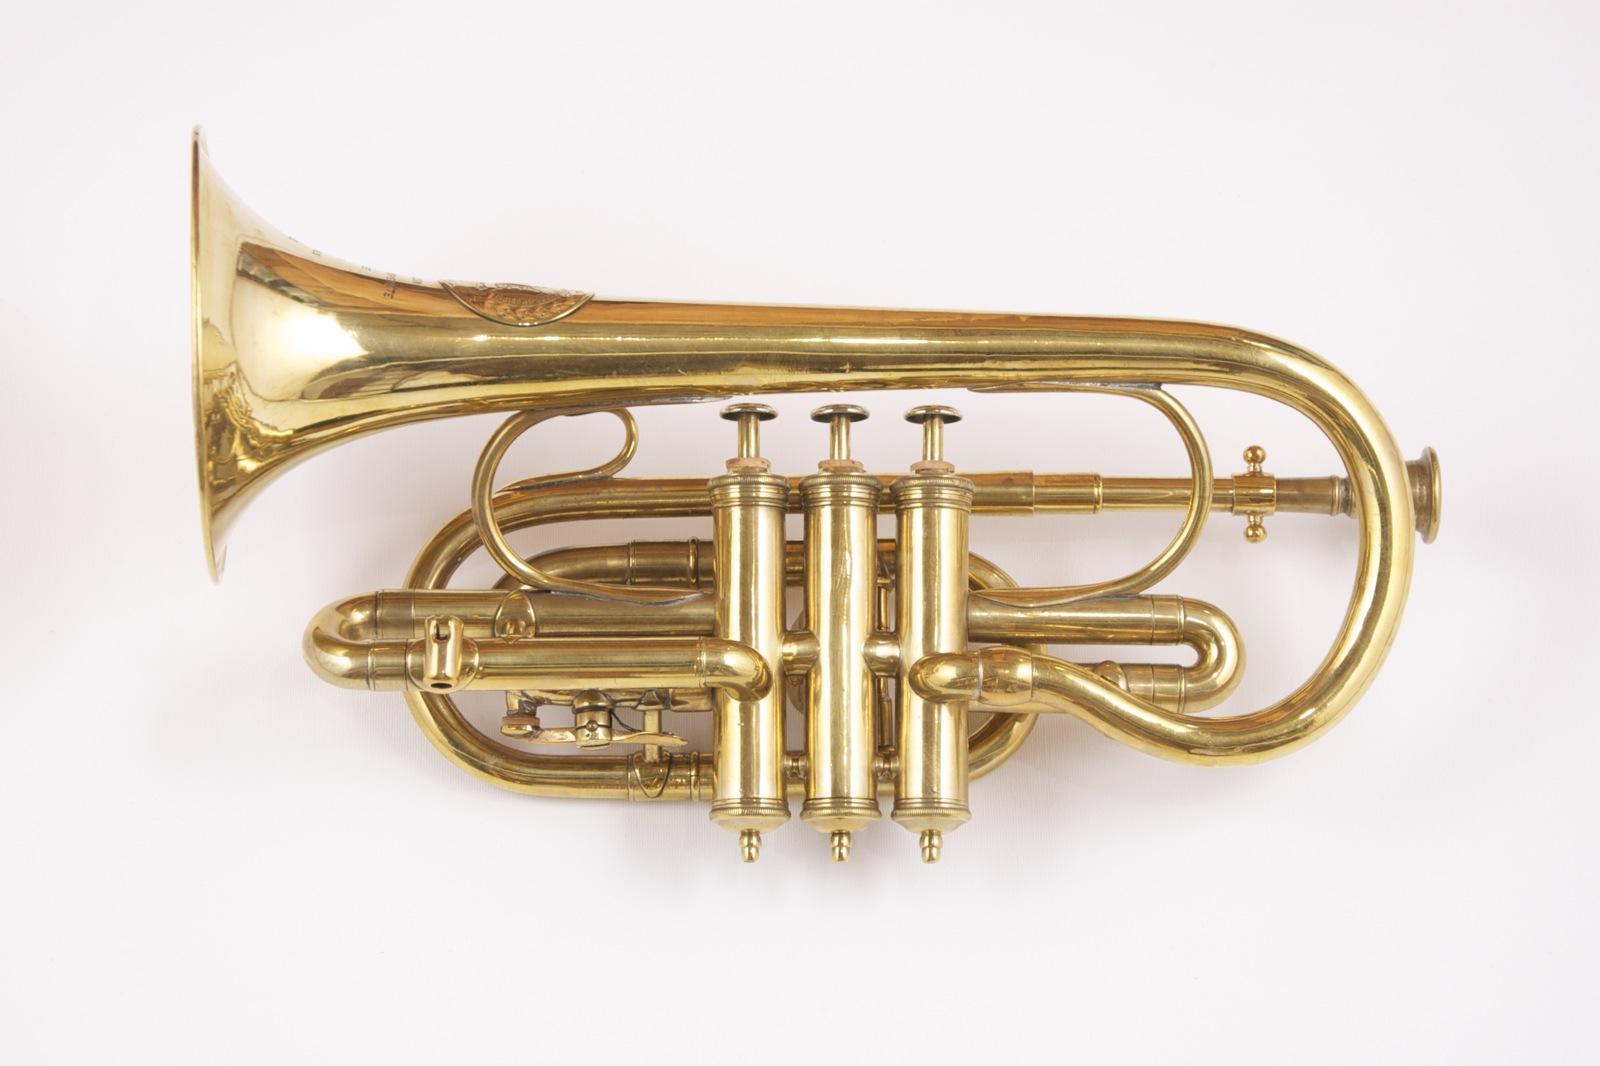 902-cornet-C.-Mahillon-03